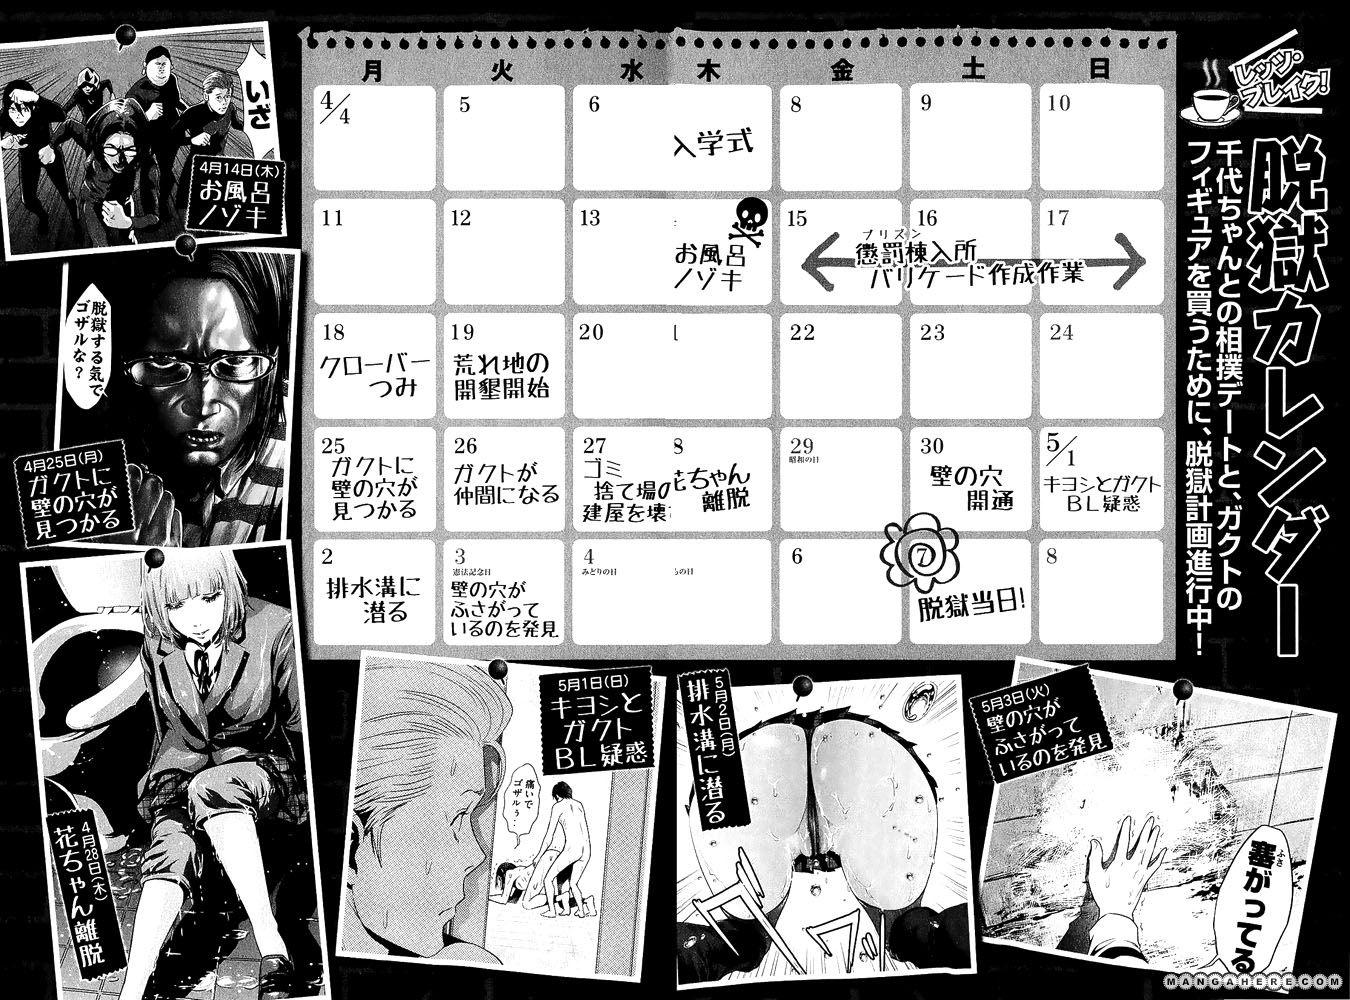 Kangoku Gakuen 28 Page 2